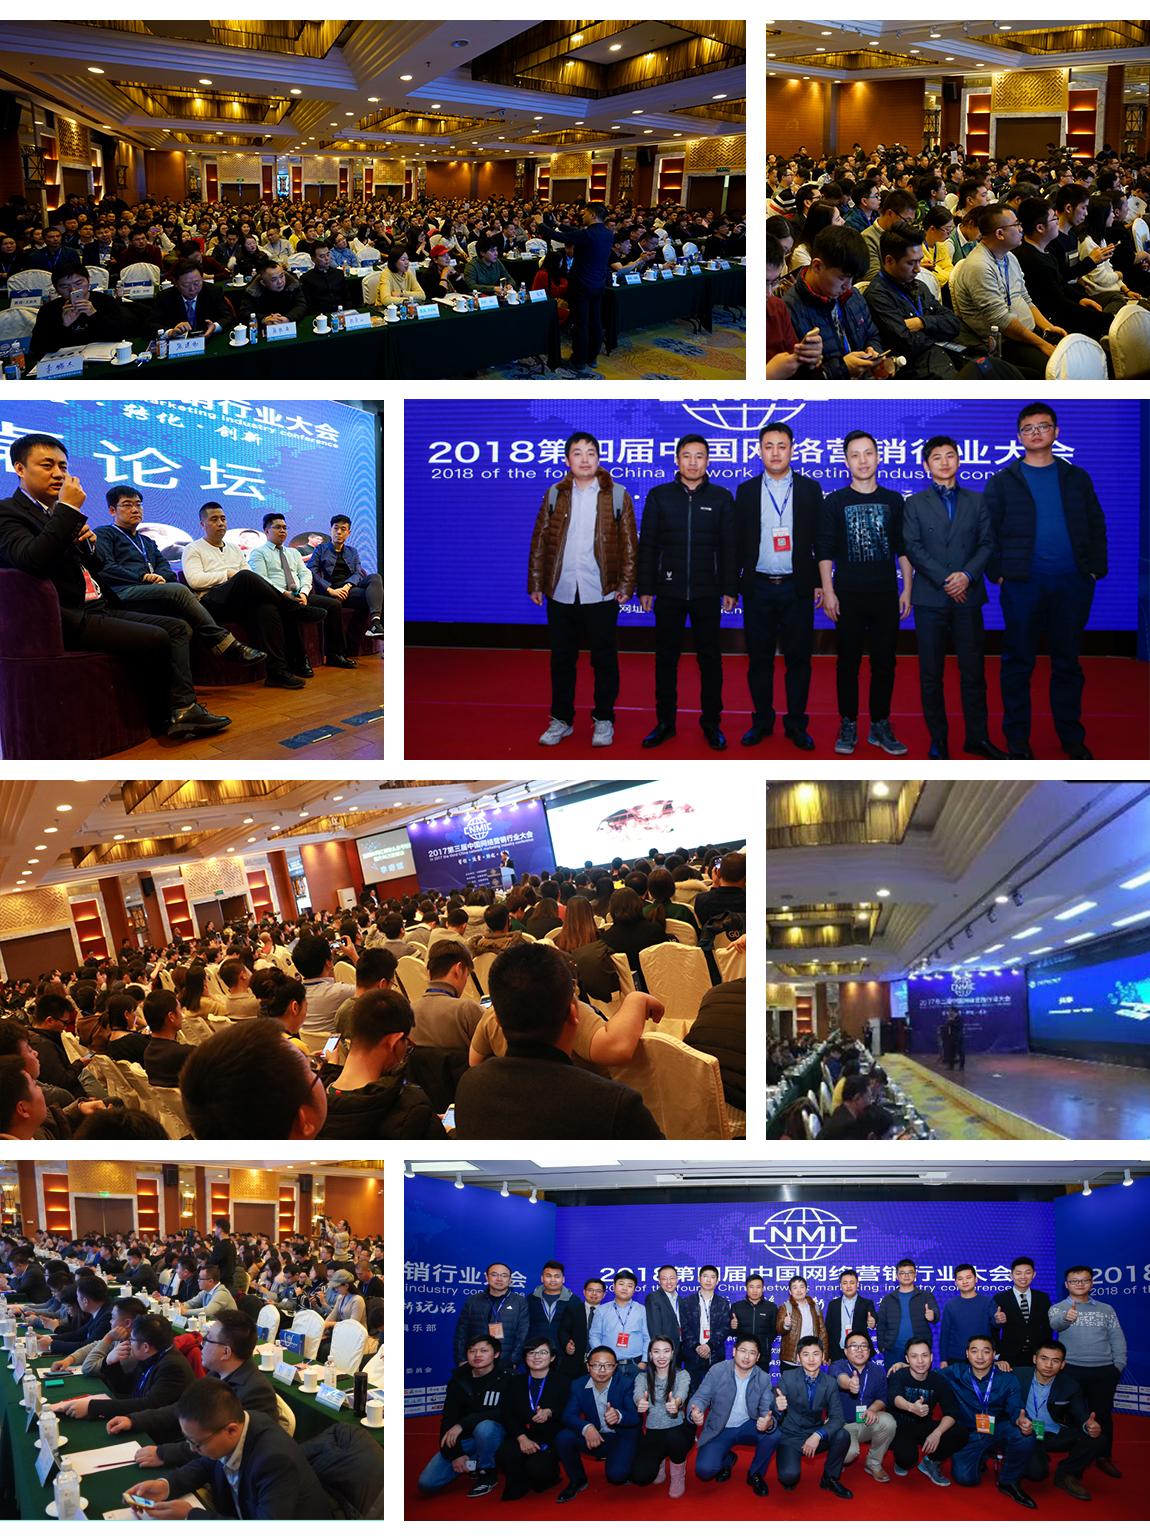 第五届中国网络营销行业大会2019年12月21日在北京召开